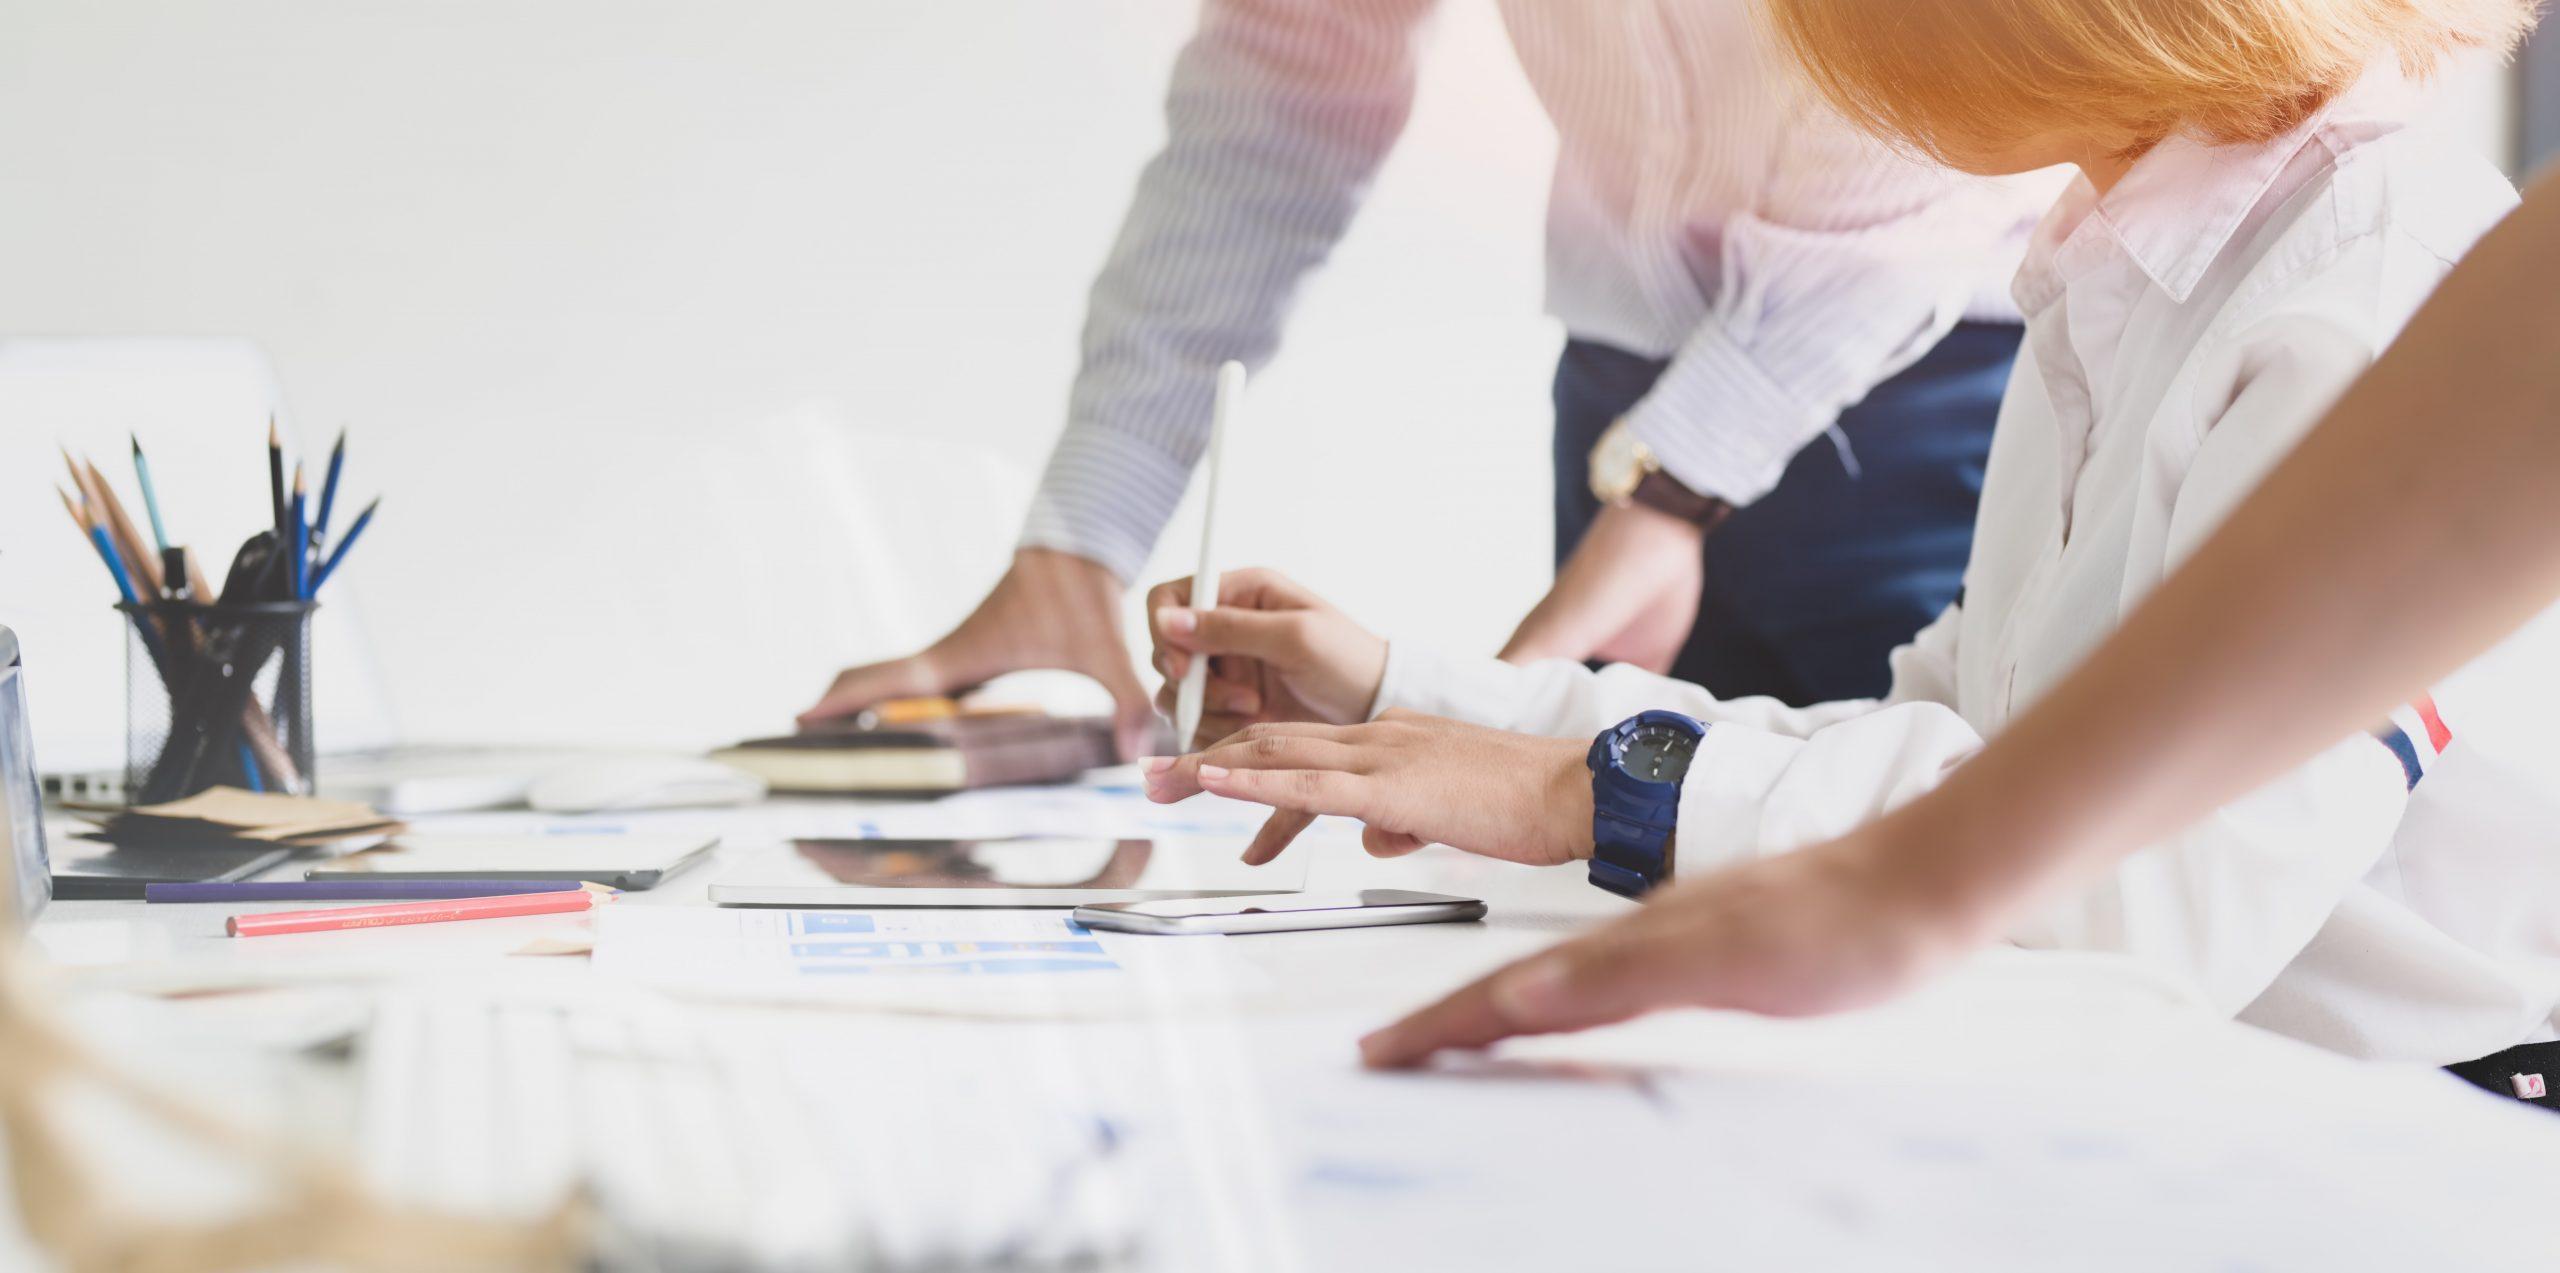 מדריך להקמת עסק – כל מה שחשוב לשים לב אליו מבחינה חשבונאית